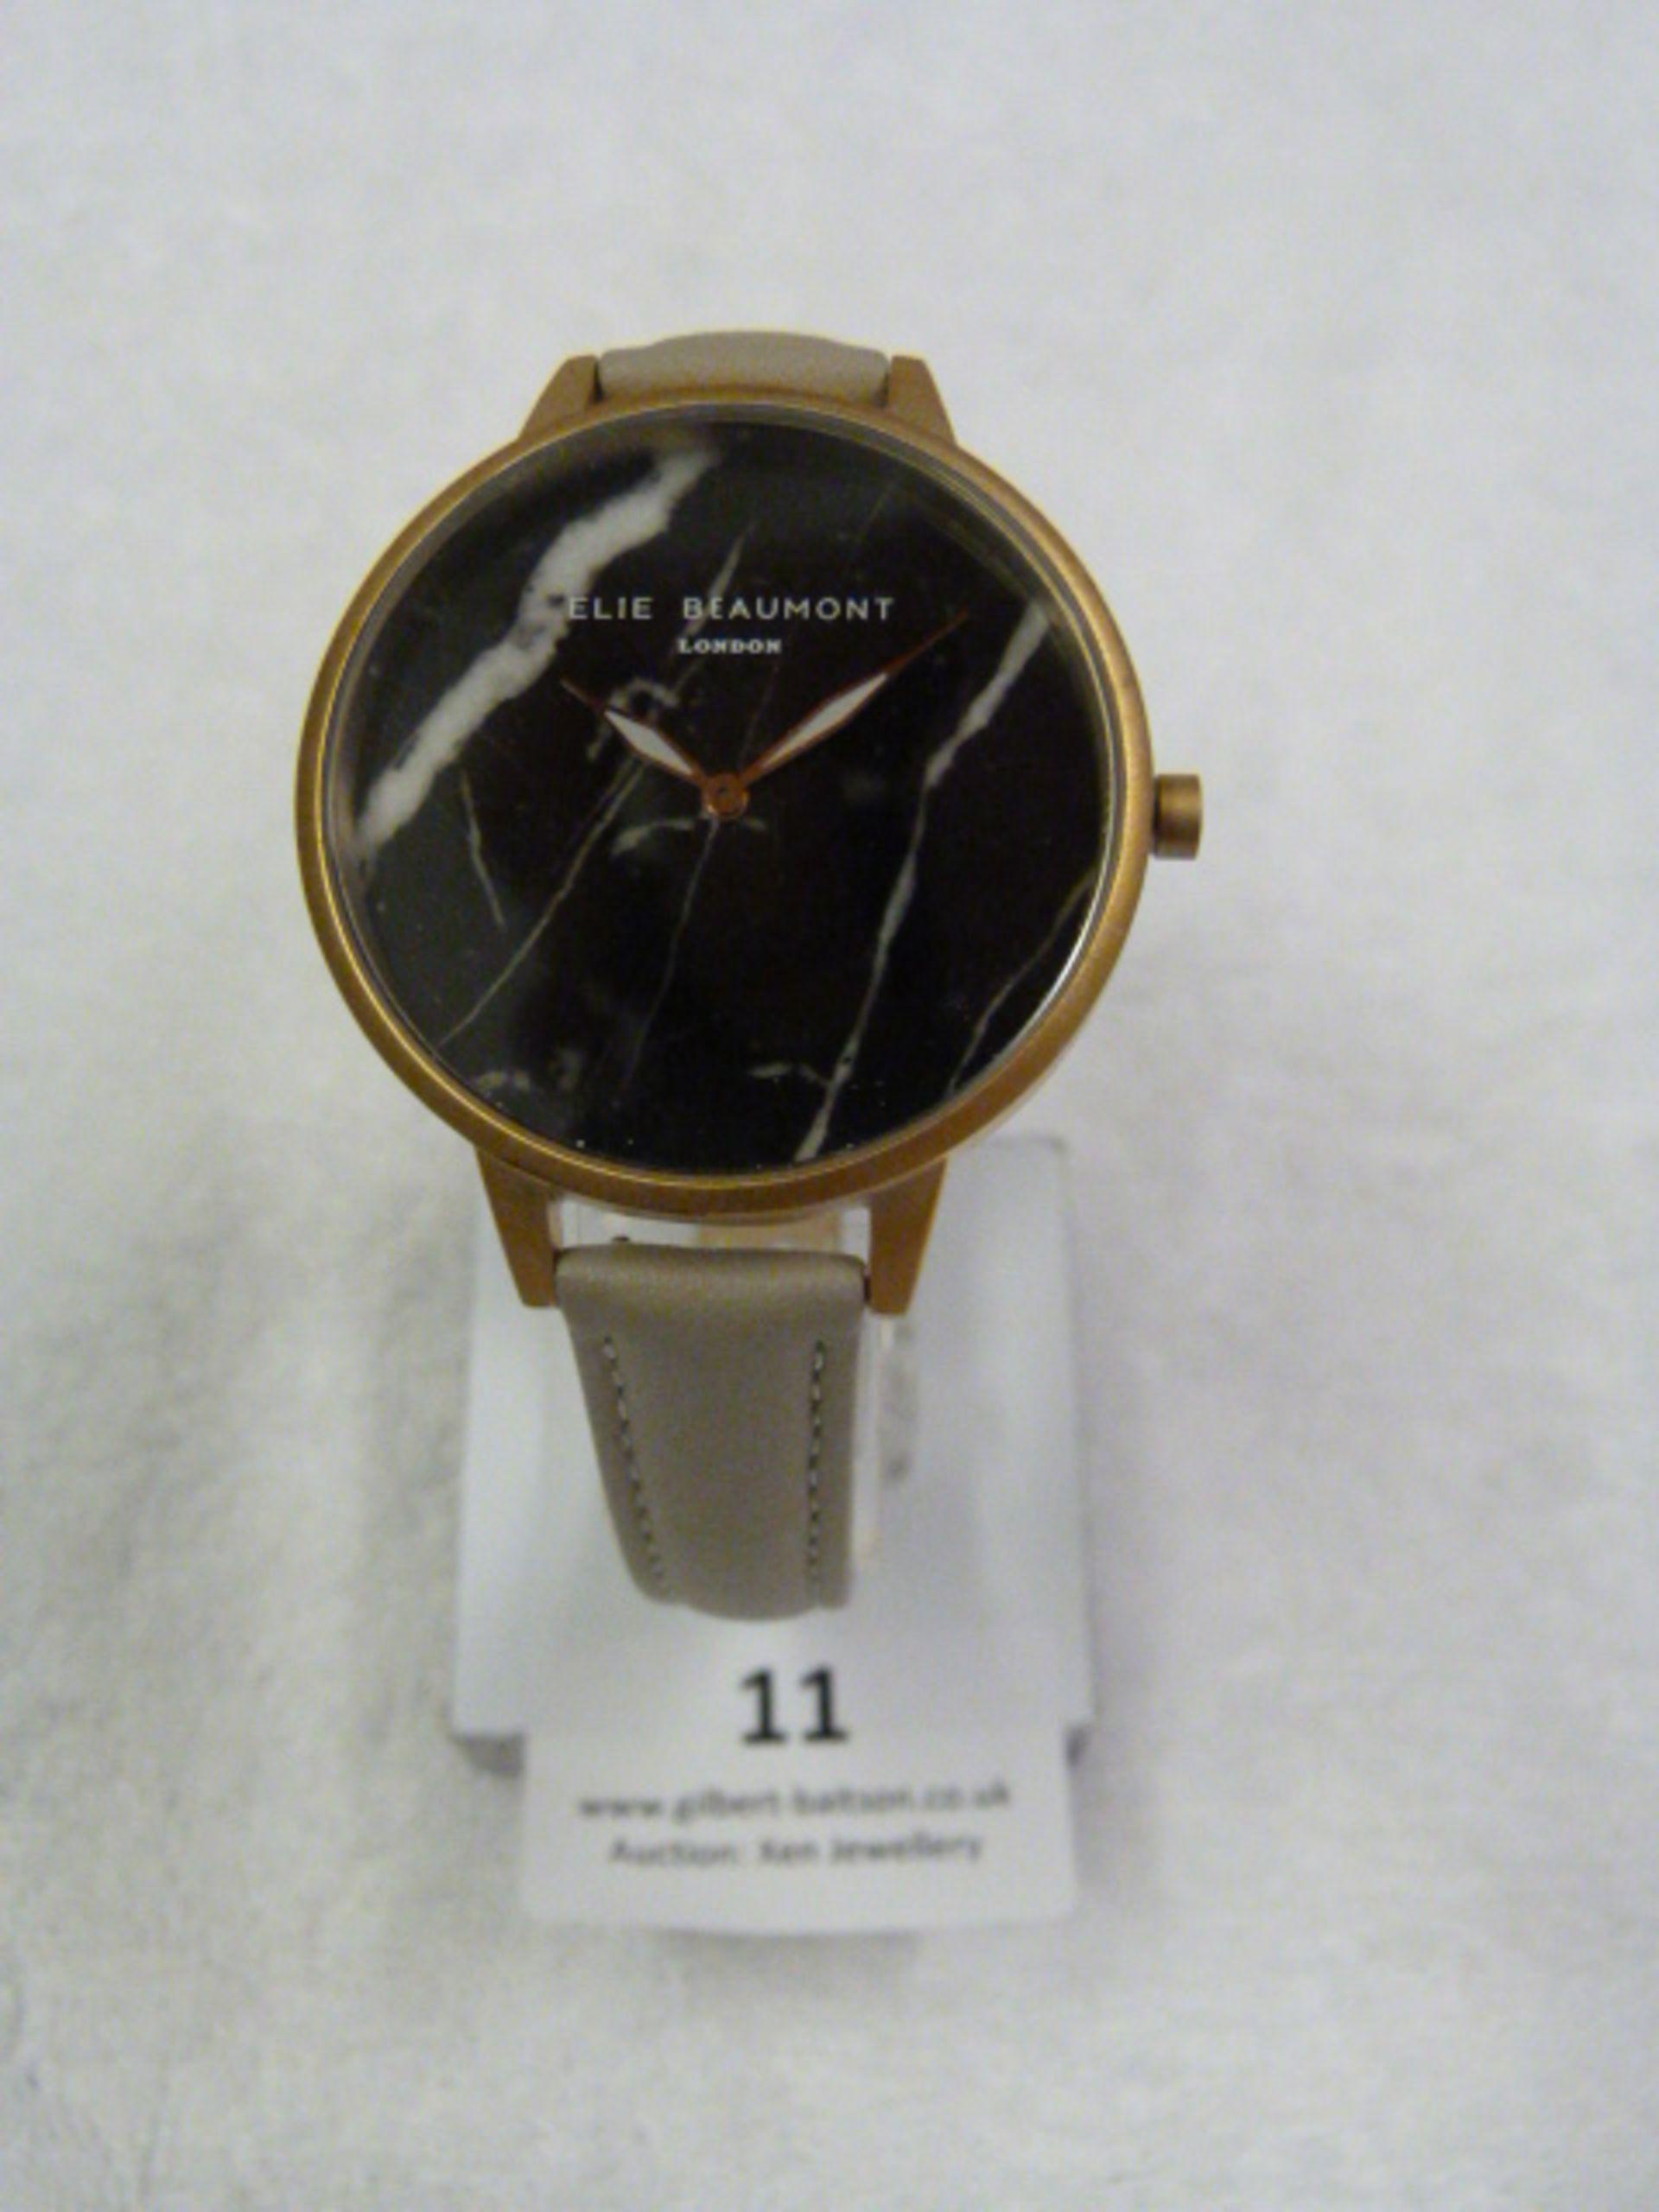 Lot 11 - *Elle Beaumont Ladies Wristwatch